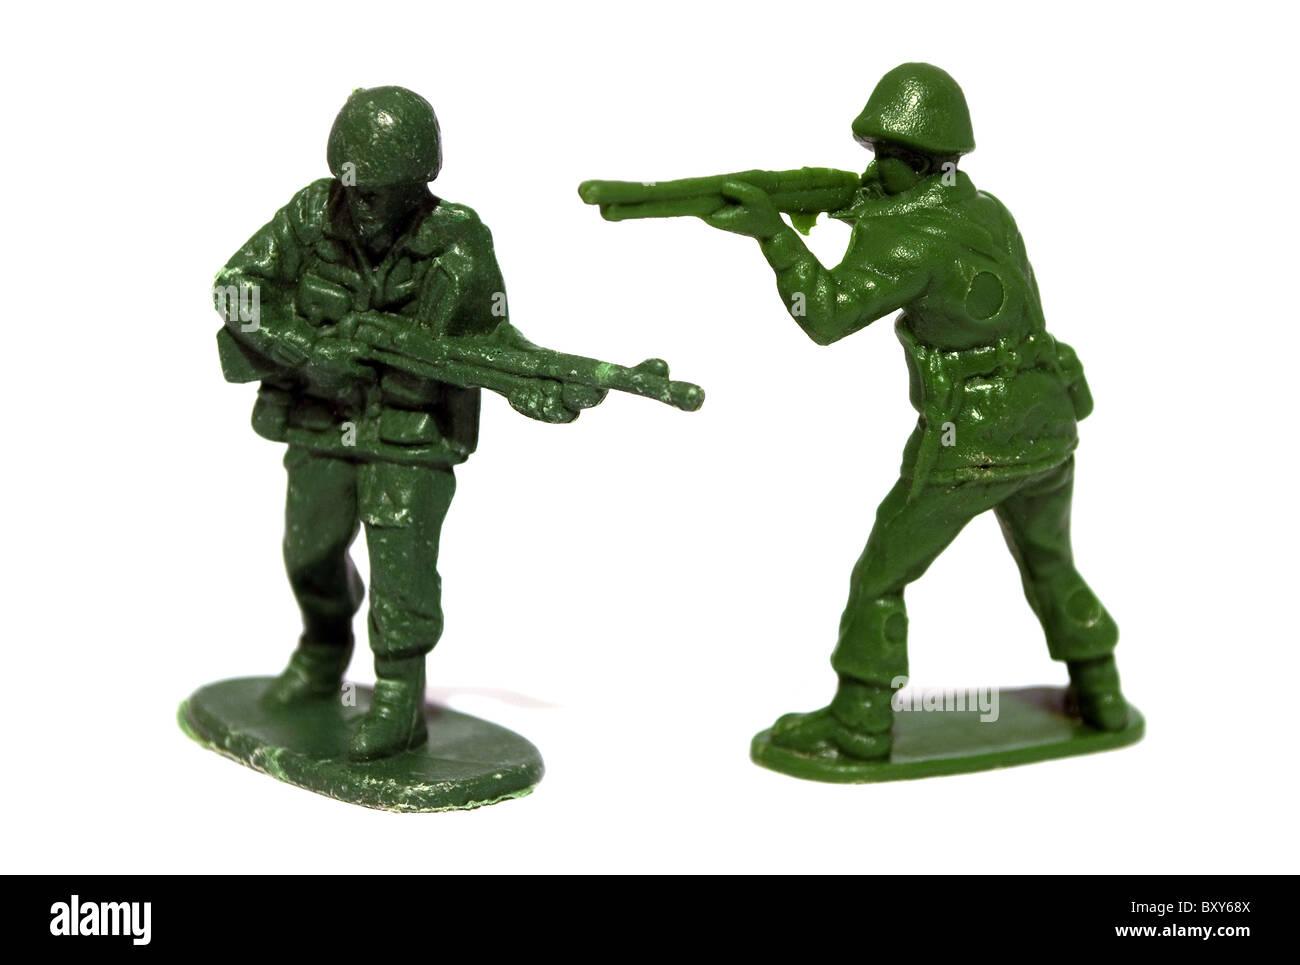 Deux petits soldats en plastique sur un fond blanc Photo Stock